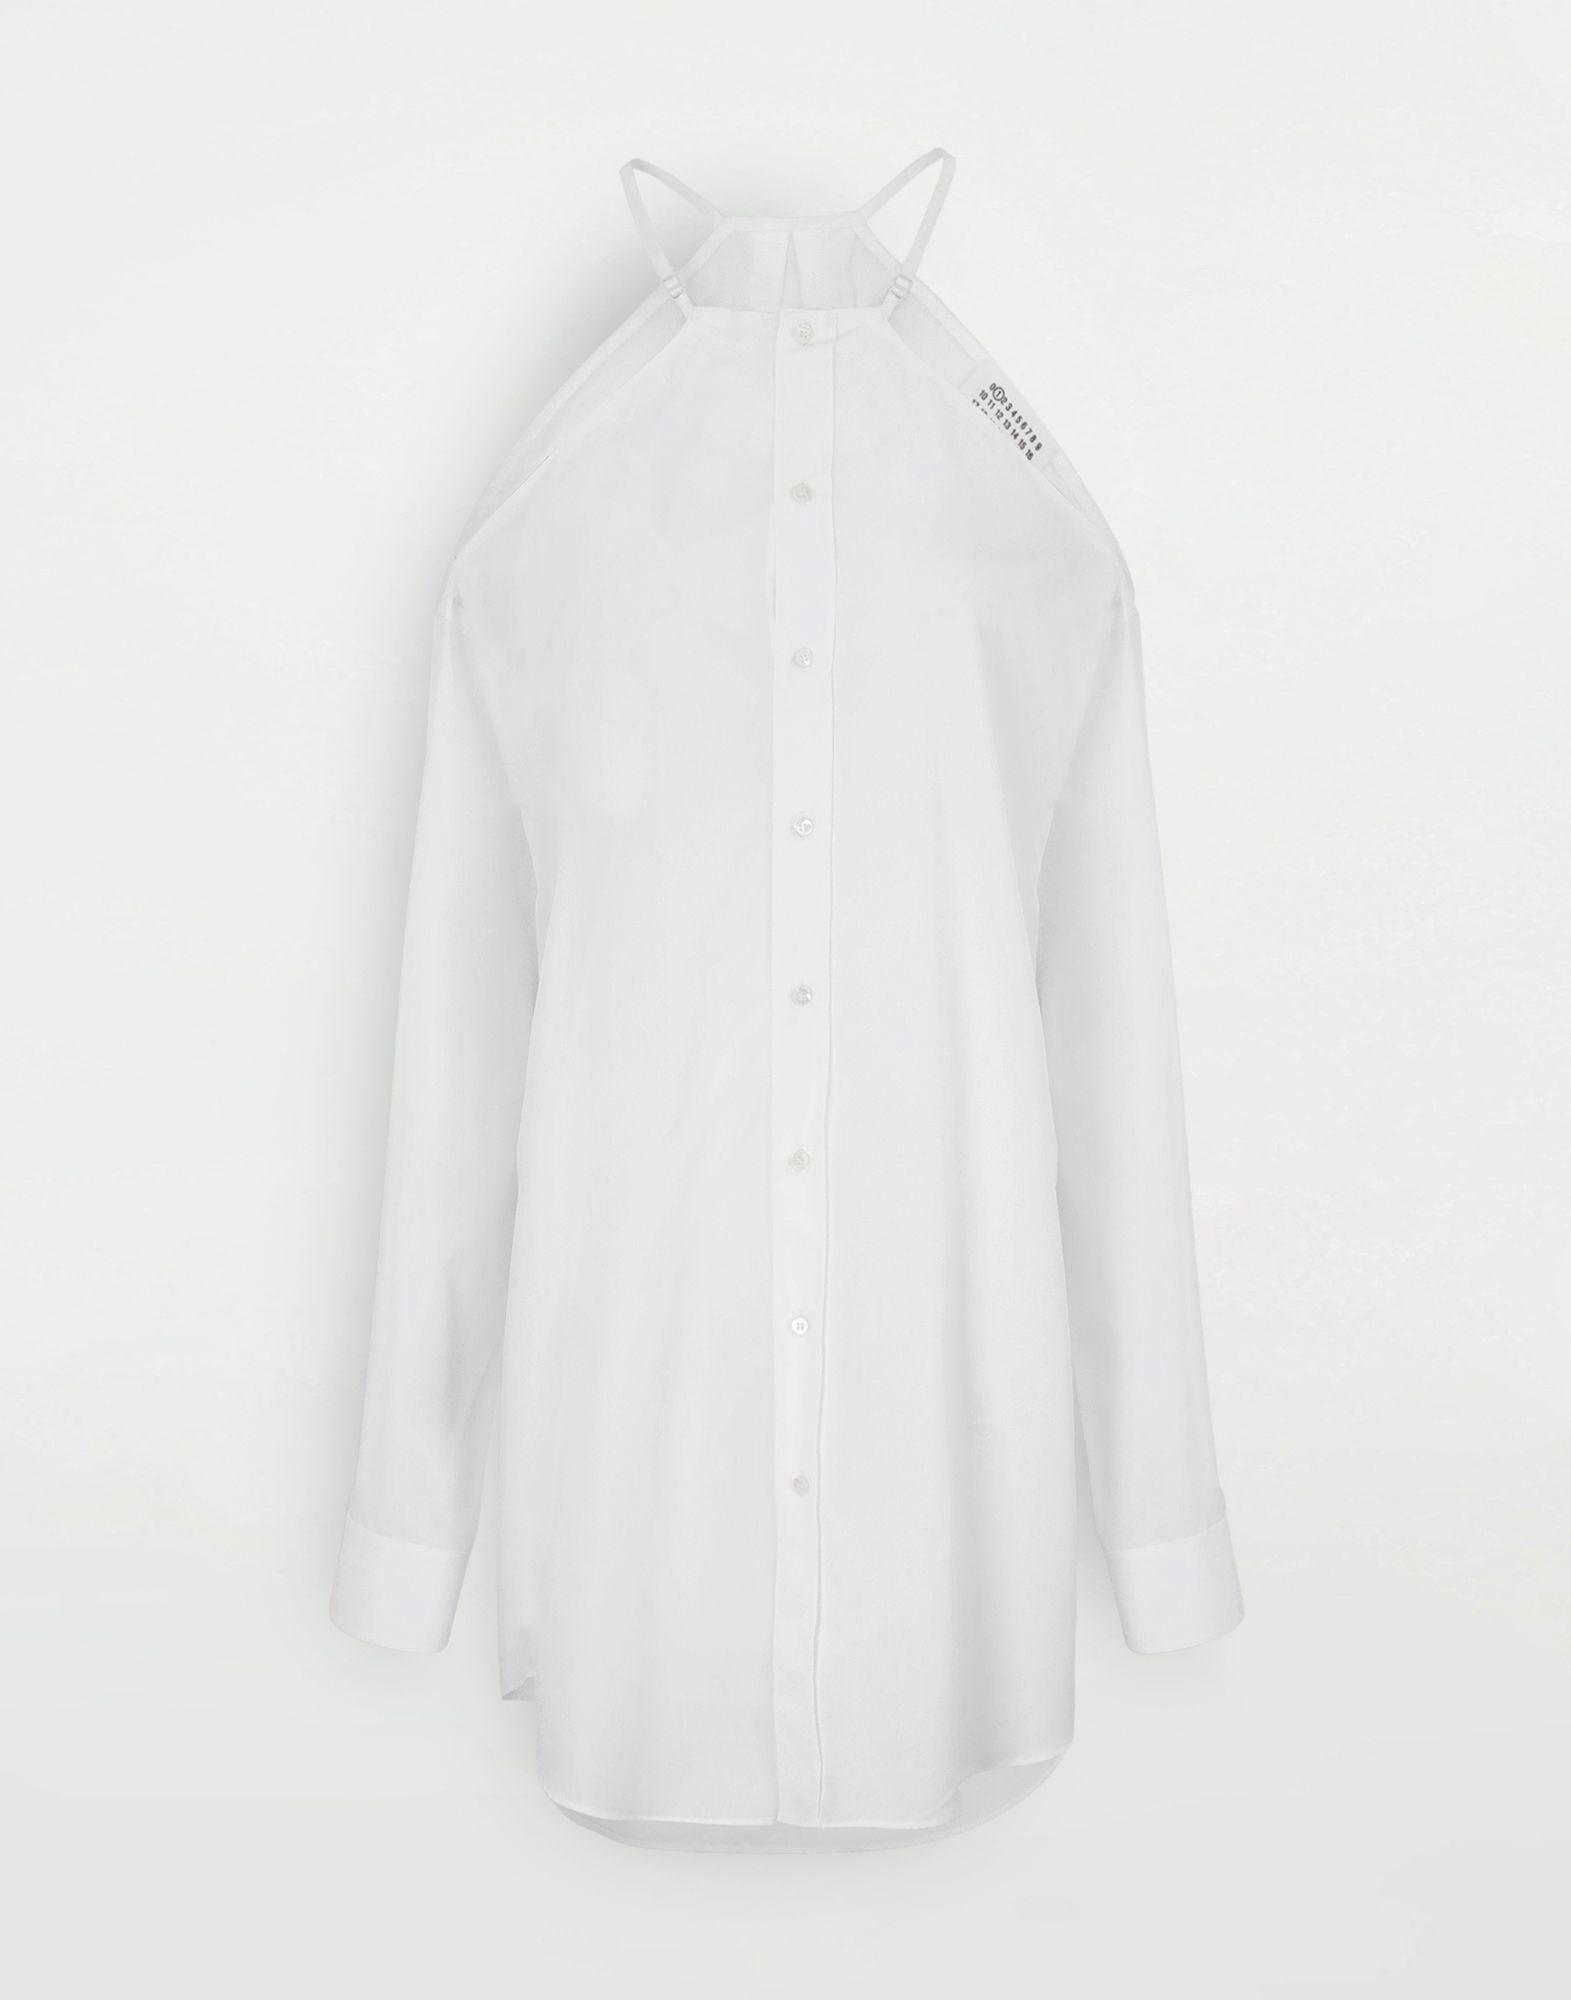 MAISON MARGIELA Camicia multi-wear Camicia maniche lunghe Donna f